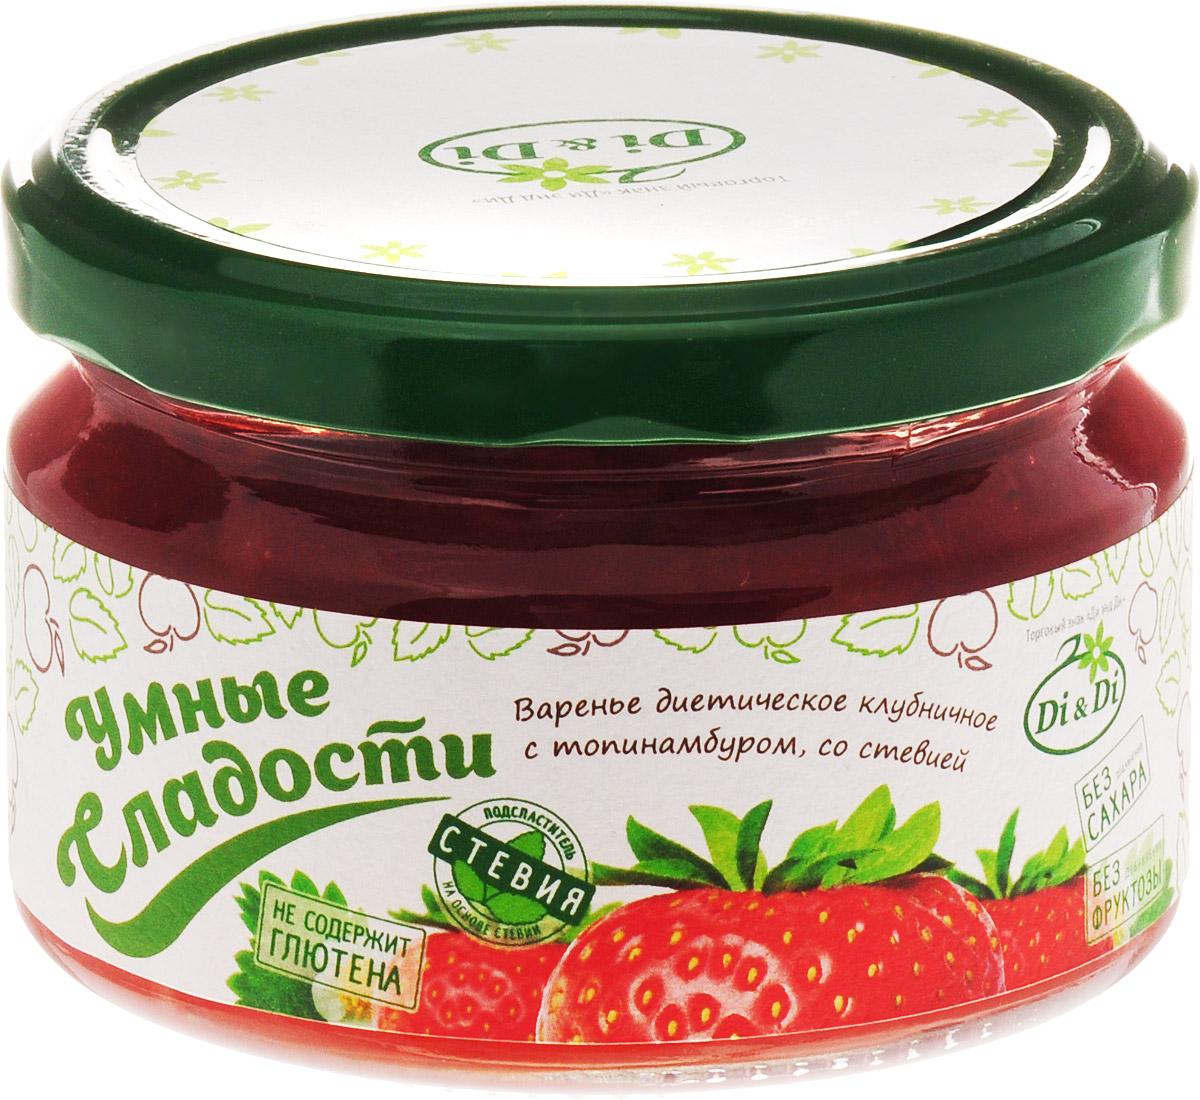 Умные сладости Варенье диетическое клубничное с топинамбуром, 250 г bebi премиум каша овсяная молочная с 5 месяцев 250 г